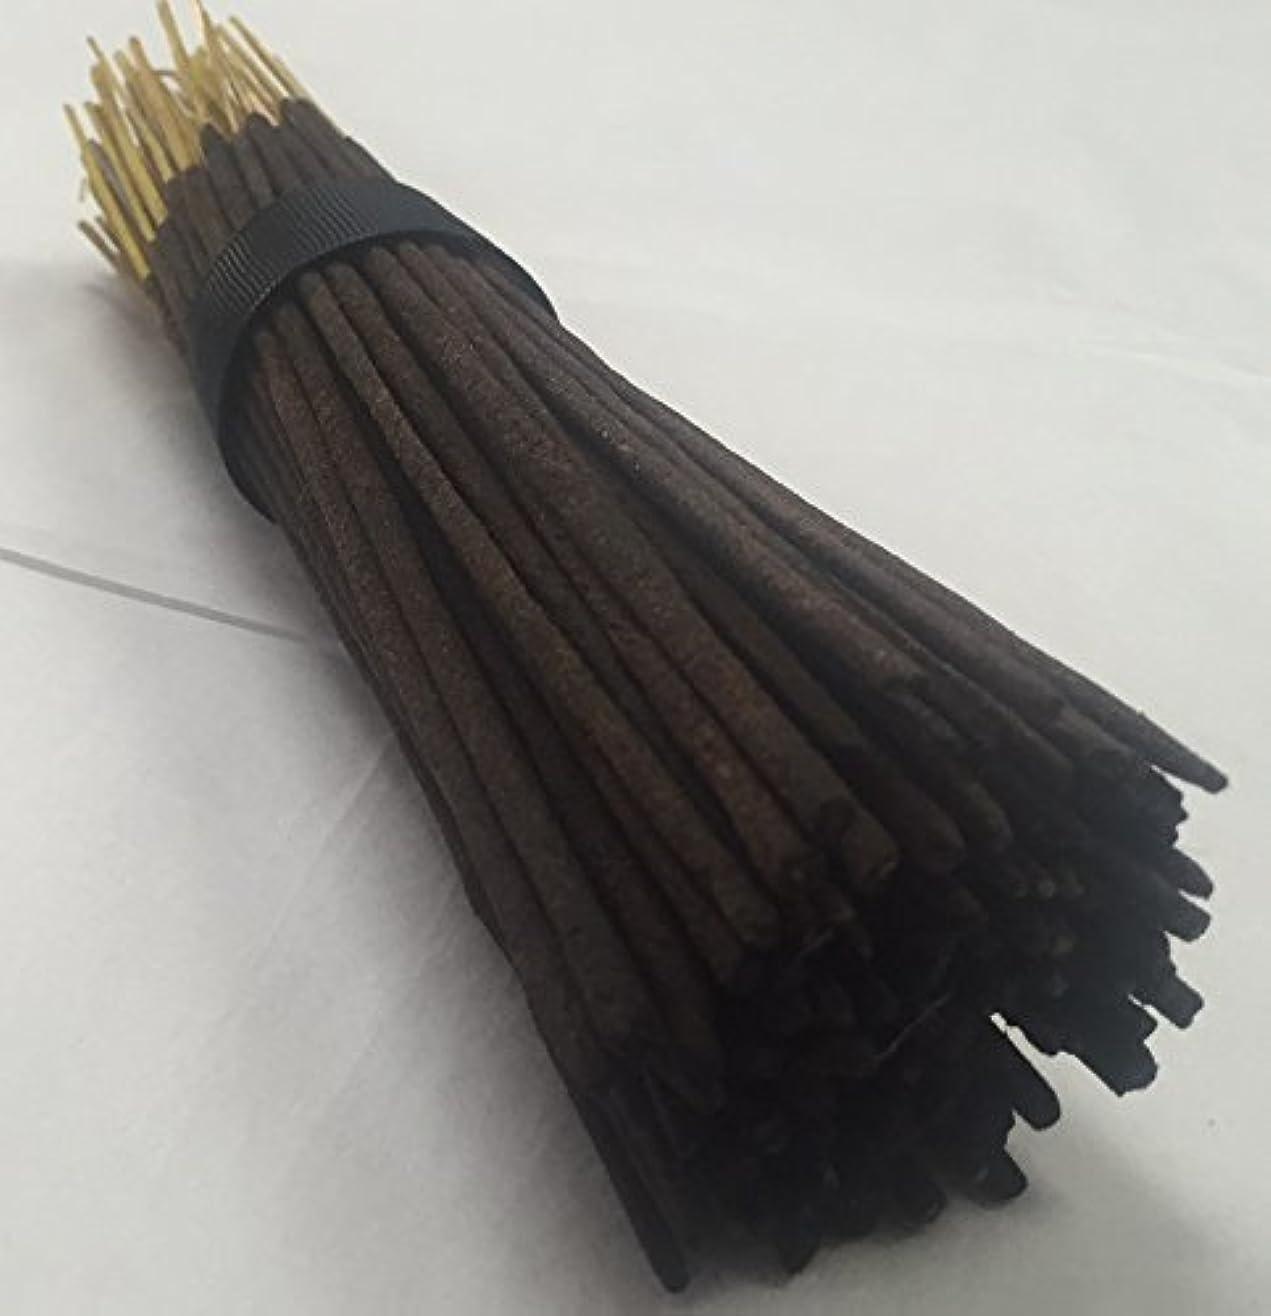 欺ショップ常習者Incense Sticks 100バルクパック – ホワイトセージ